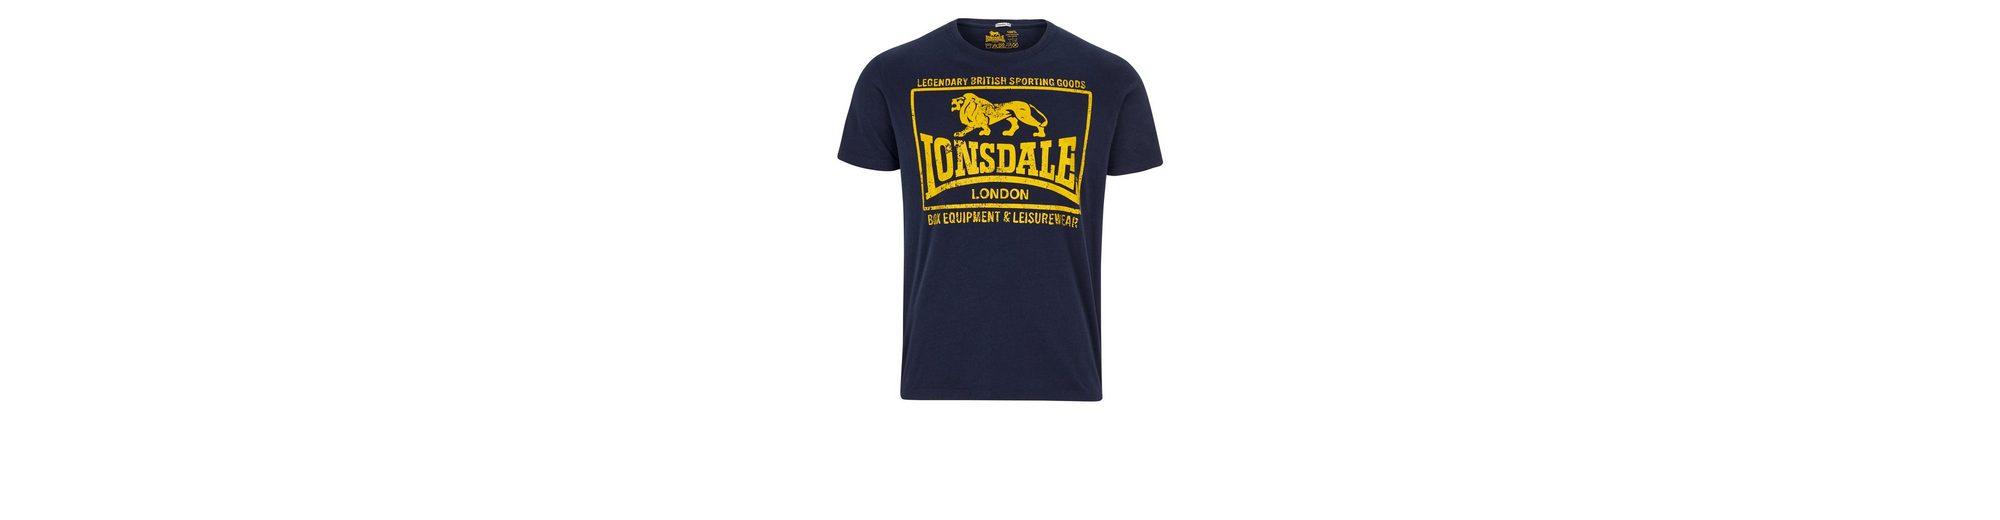 Lonsdale T-Shirt mit großem Frontprint Vorbestellung Günstiger Preis Eastbay Billig Verkauf Erkunden Discounter Angebote Zum Verkauf s9PG0bA6g6